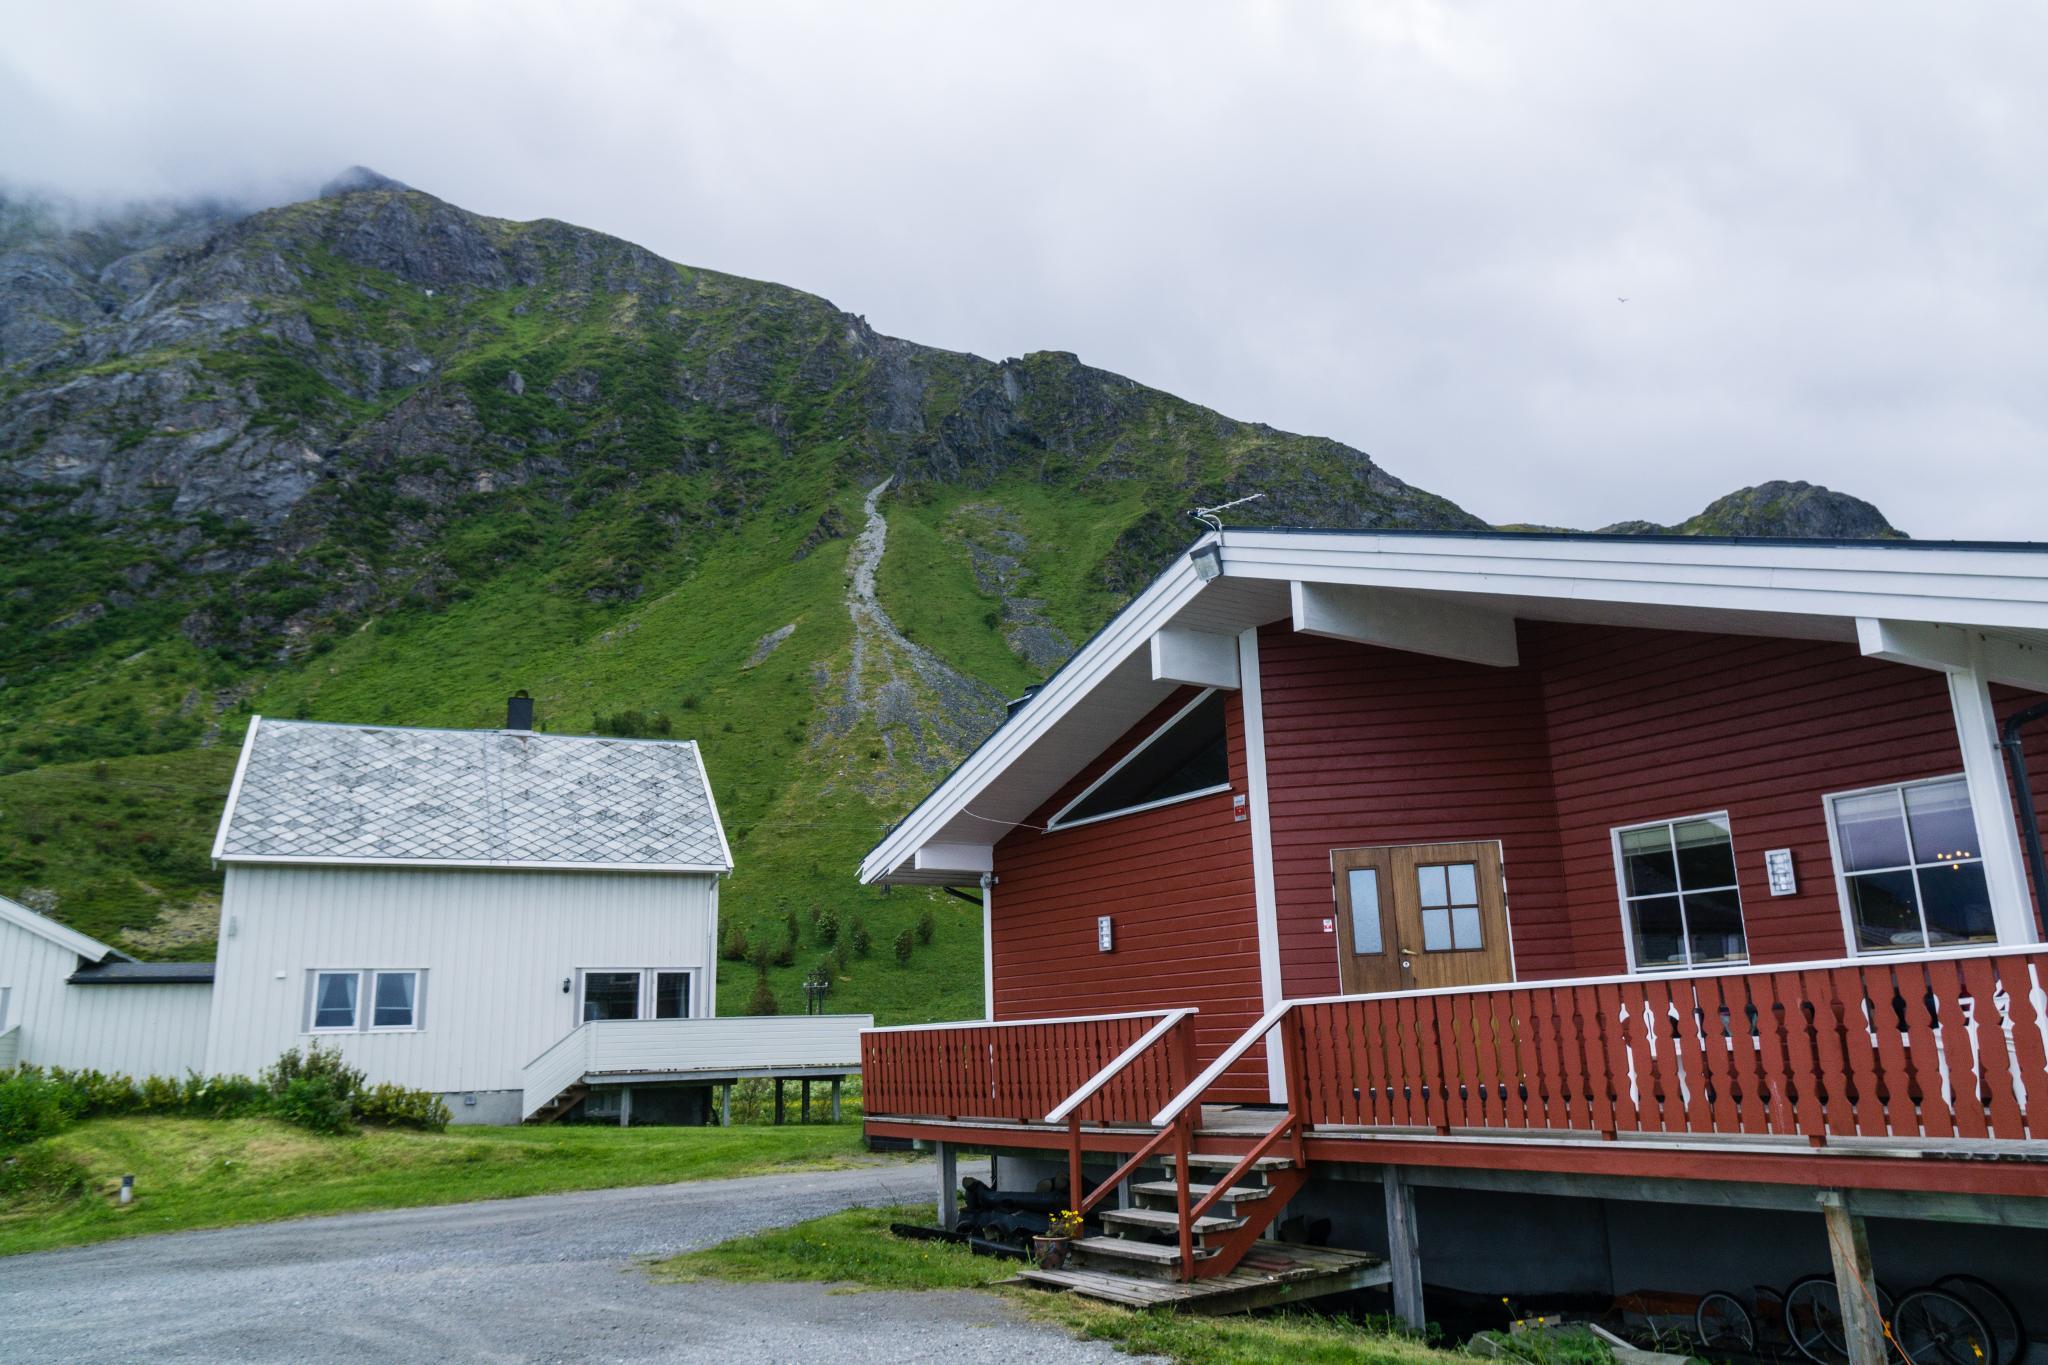 【北歐露營】推薦羅弗敦群島露營地 - Ramberg Camping 4